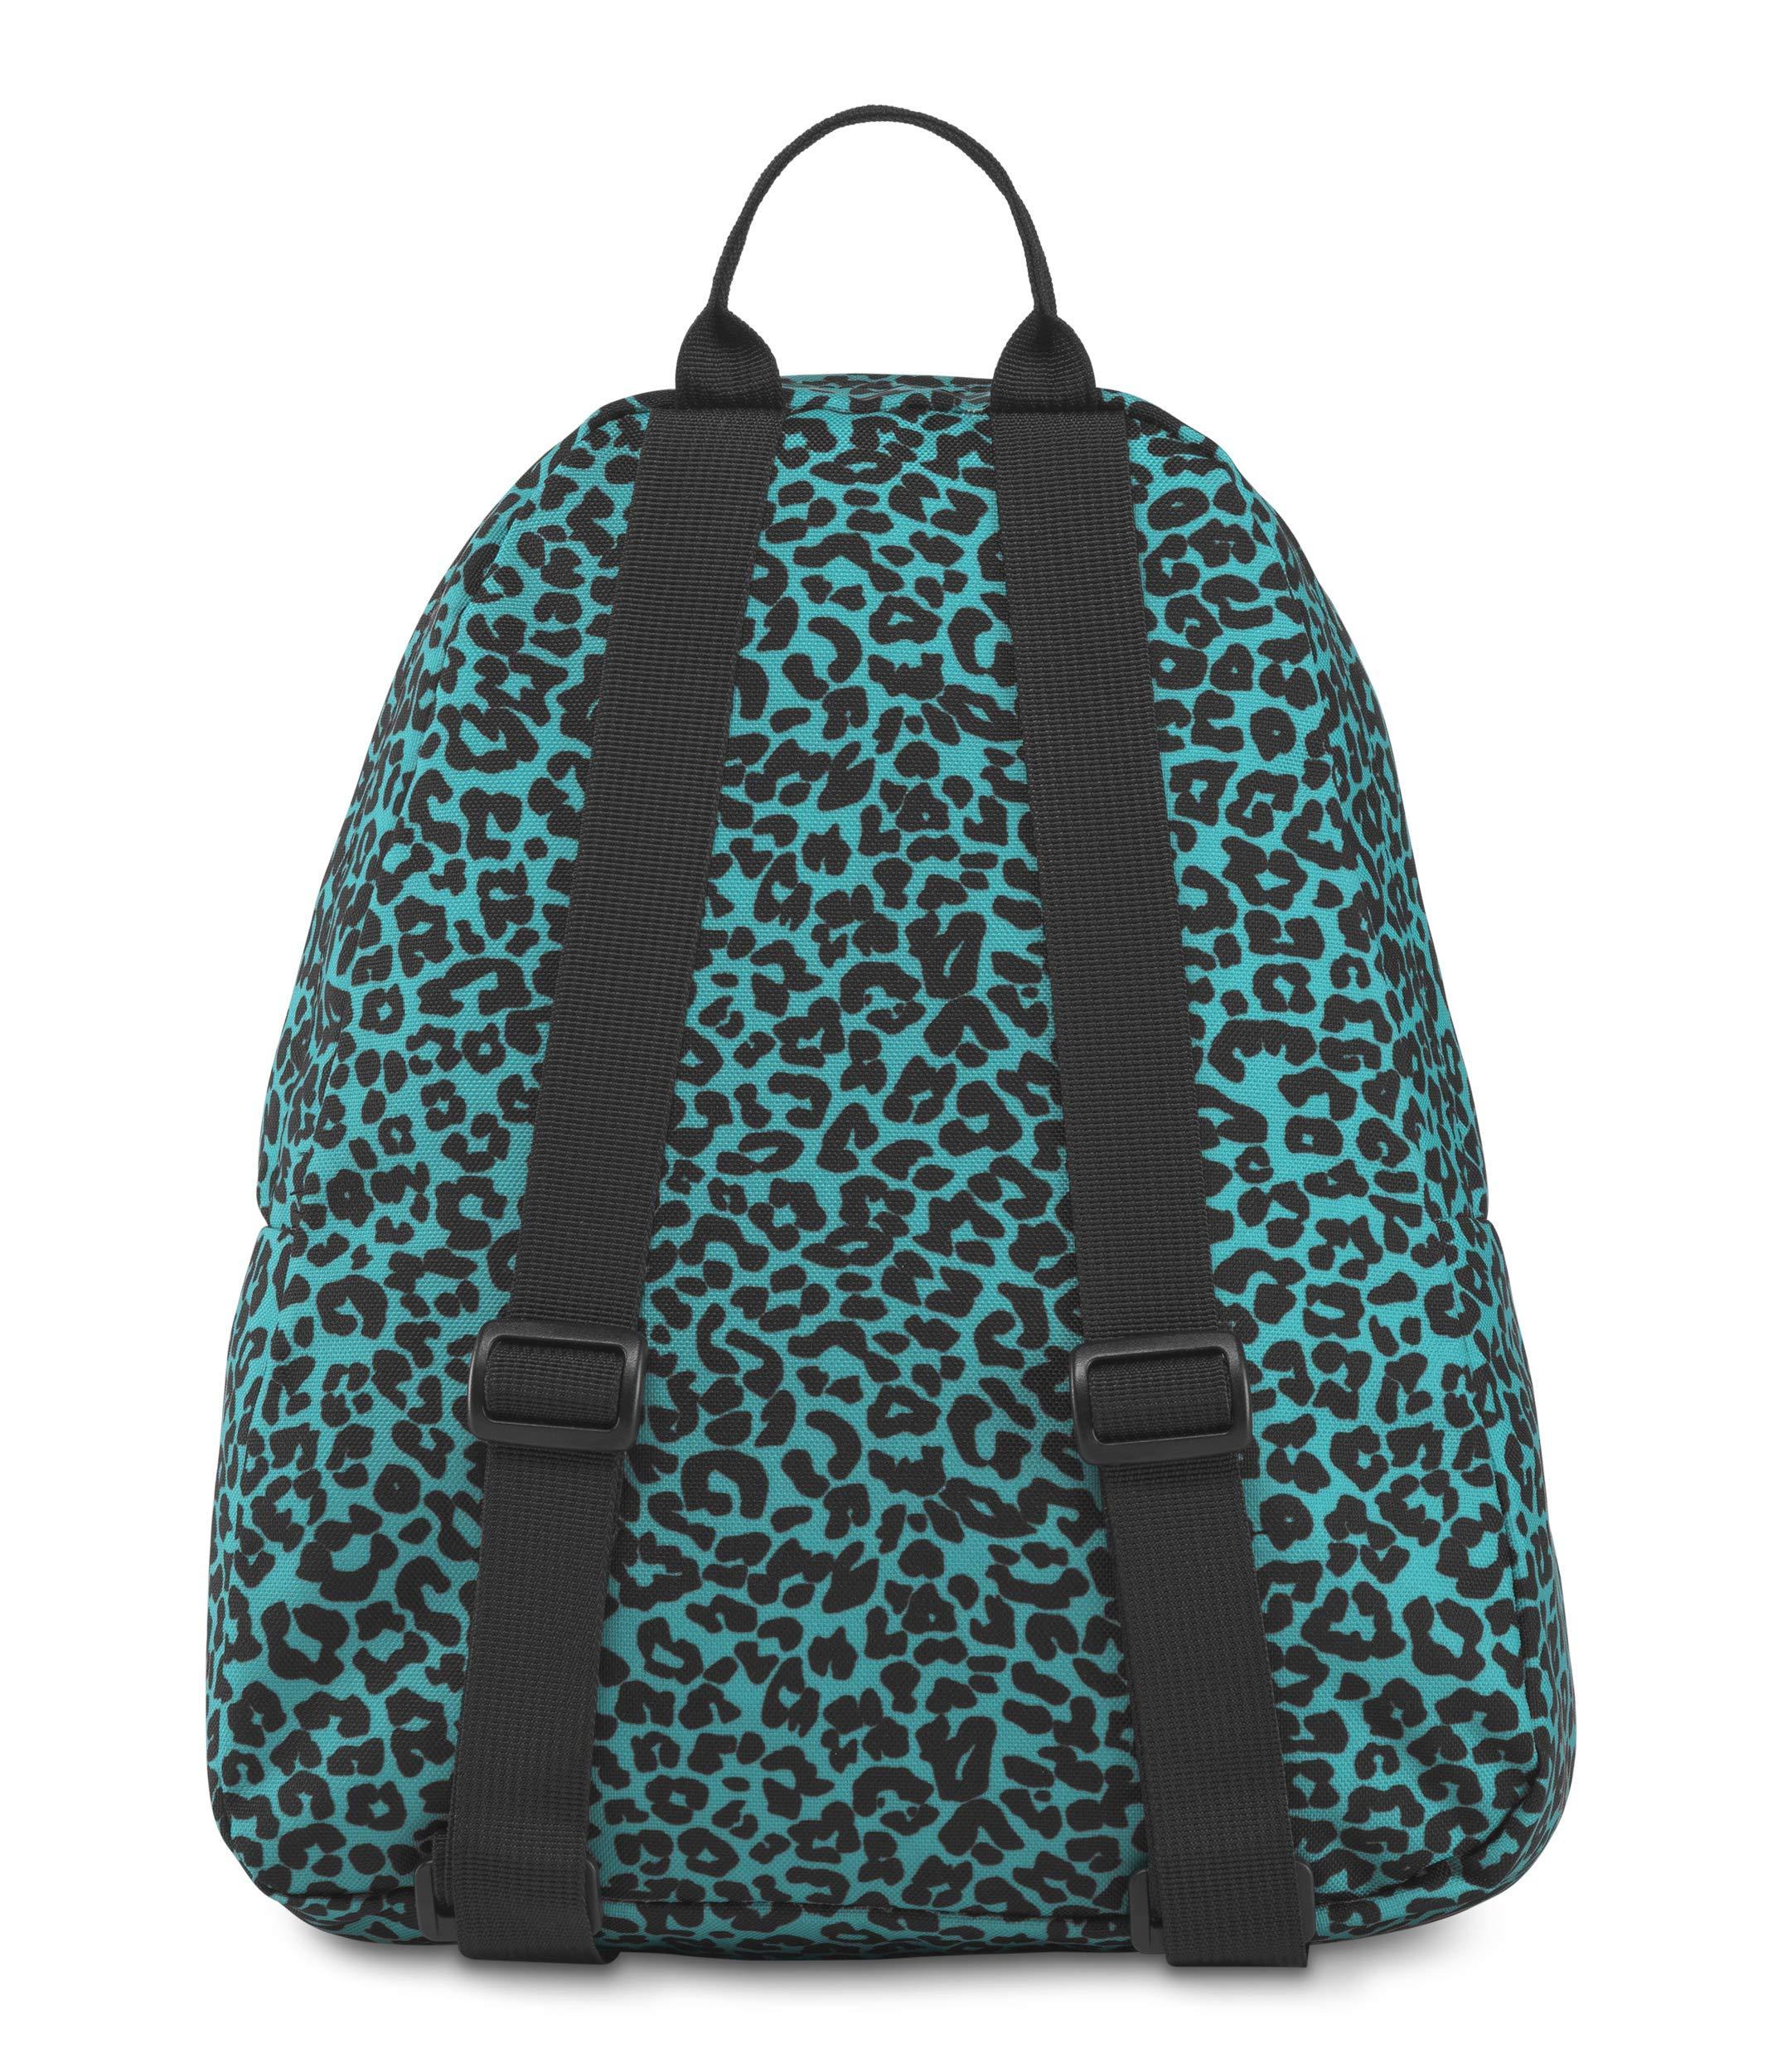 JanSport Half Pint Backpack 5